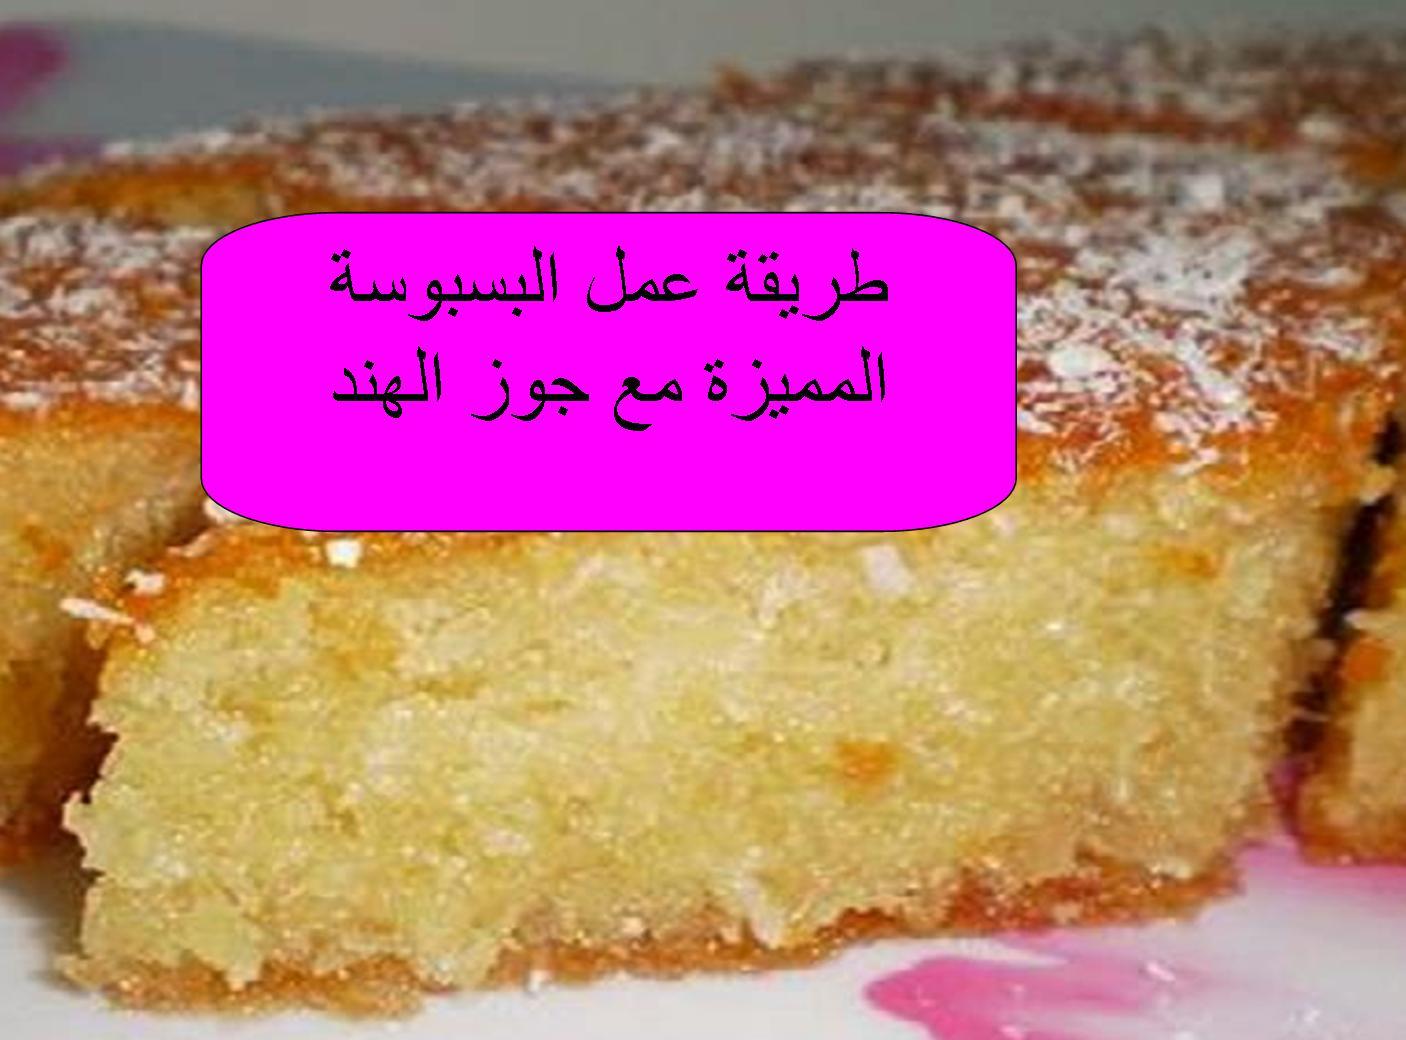 طريقة عمل البسبوسة المميزة مع جوز الهند البيت العربي